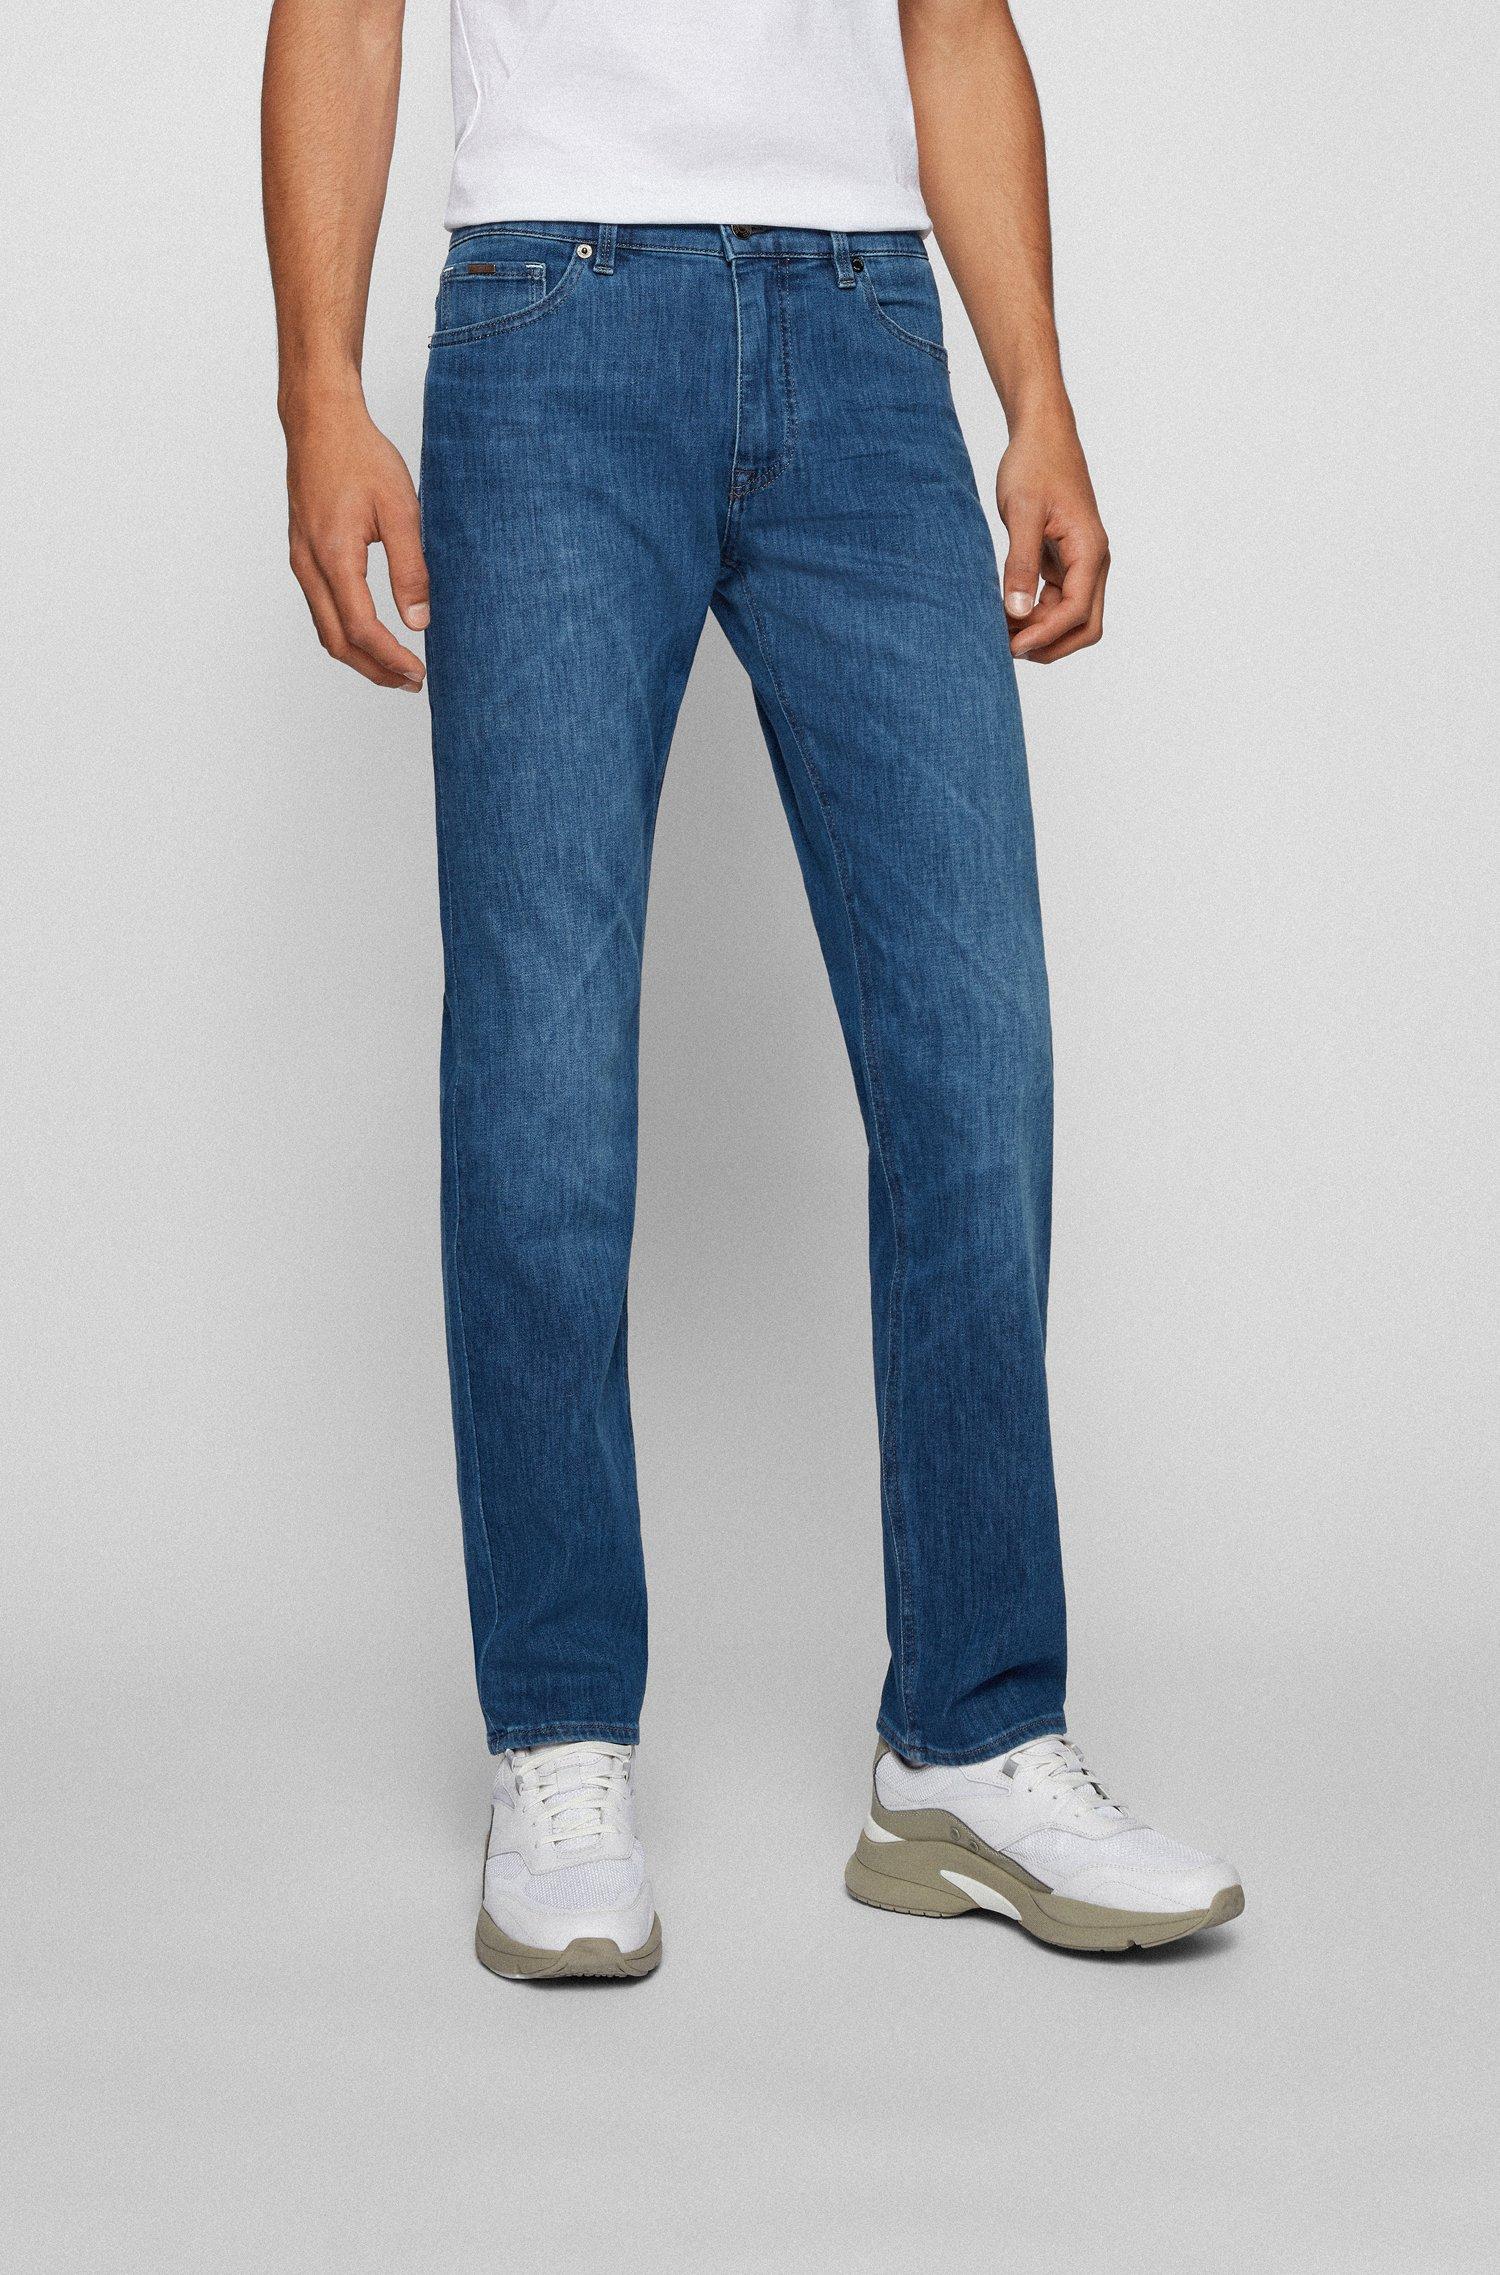 Regular-Fit Jeans aus leichtem italienischem Stretch-Denim, Blau